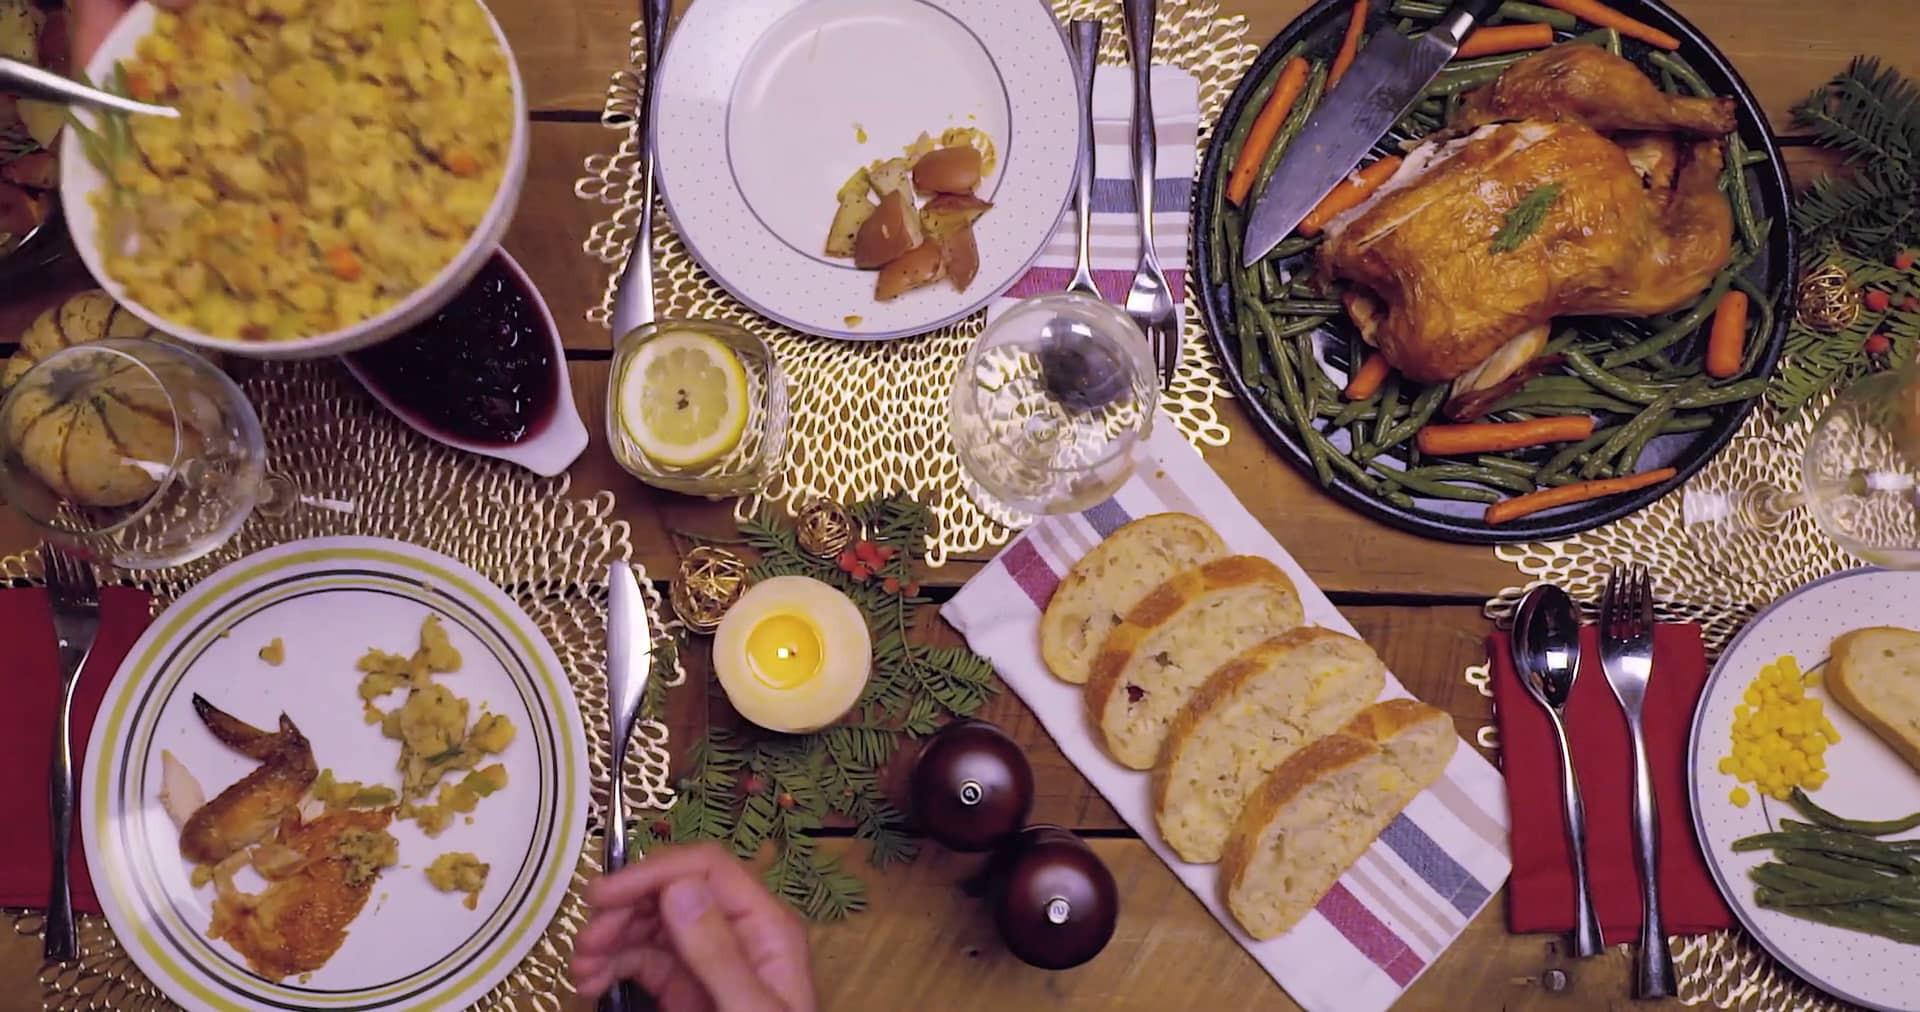 Wegmans Thanksgiving Dinner 2019  Buick Thanksgiving Dinner on Vimeo